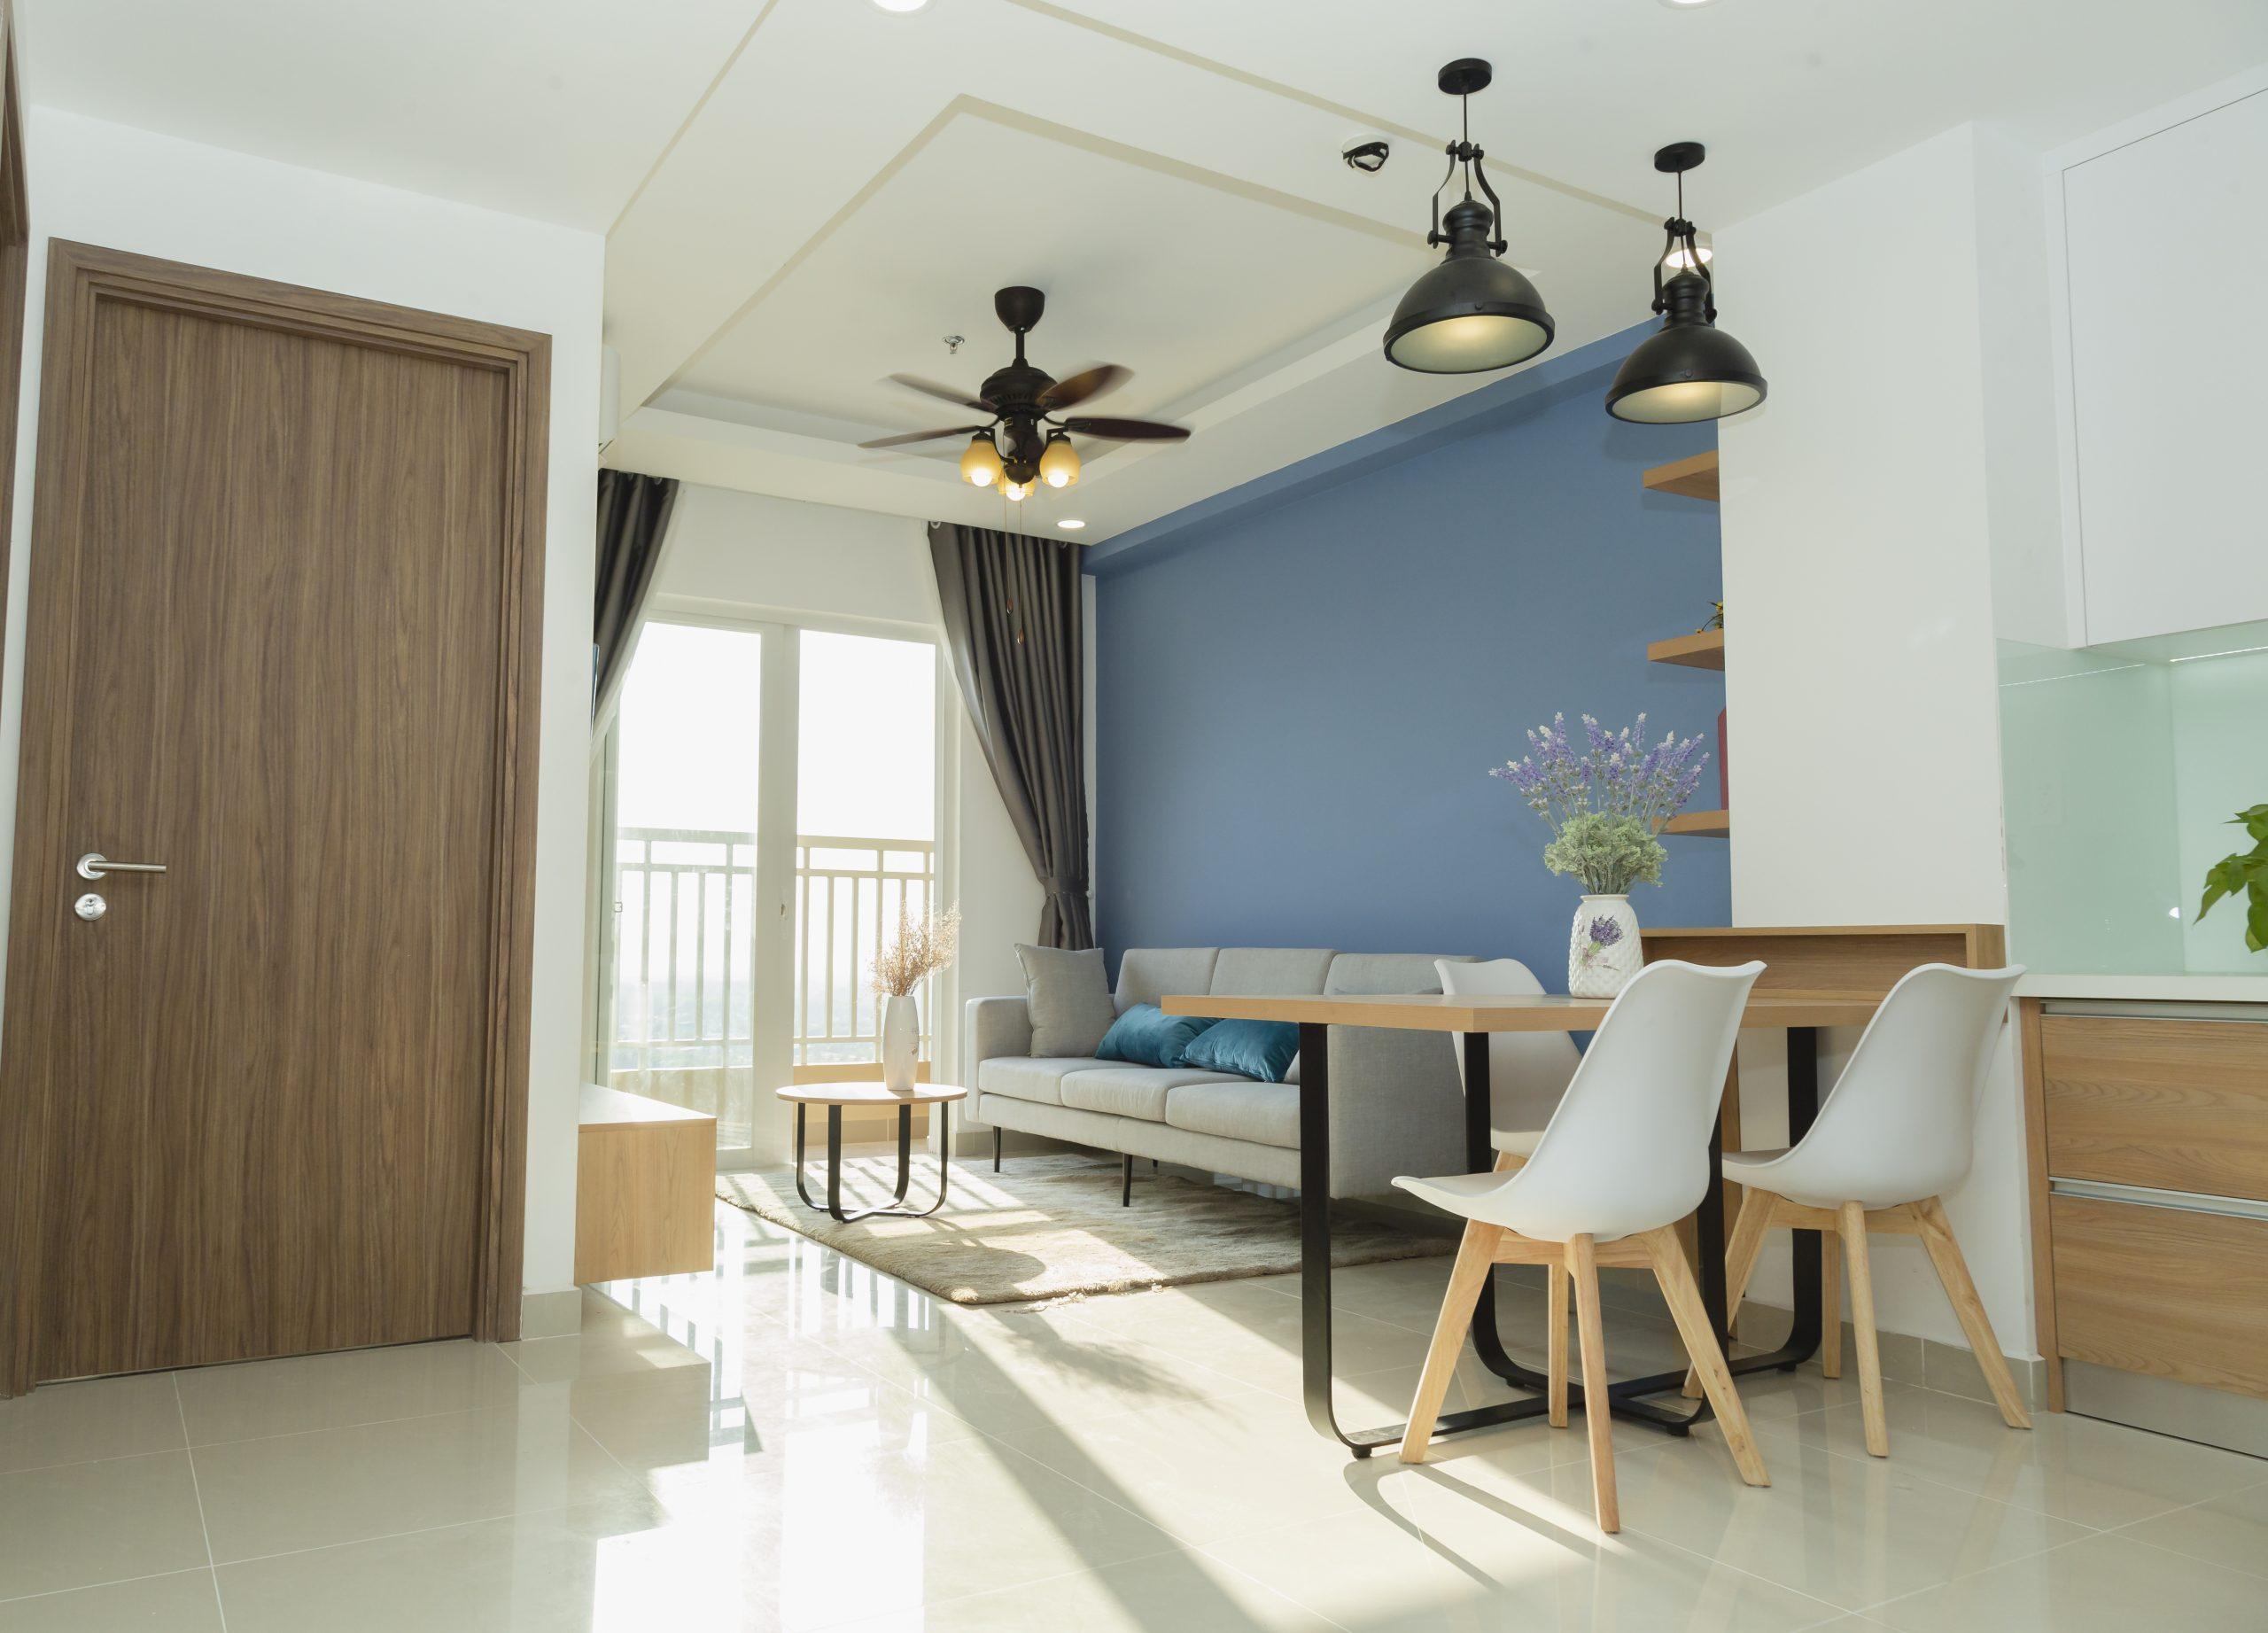 Quy trình thiết kế thi công nội thất cho căn hộ tại Bình Dương